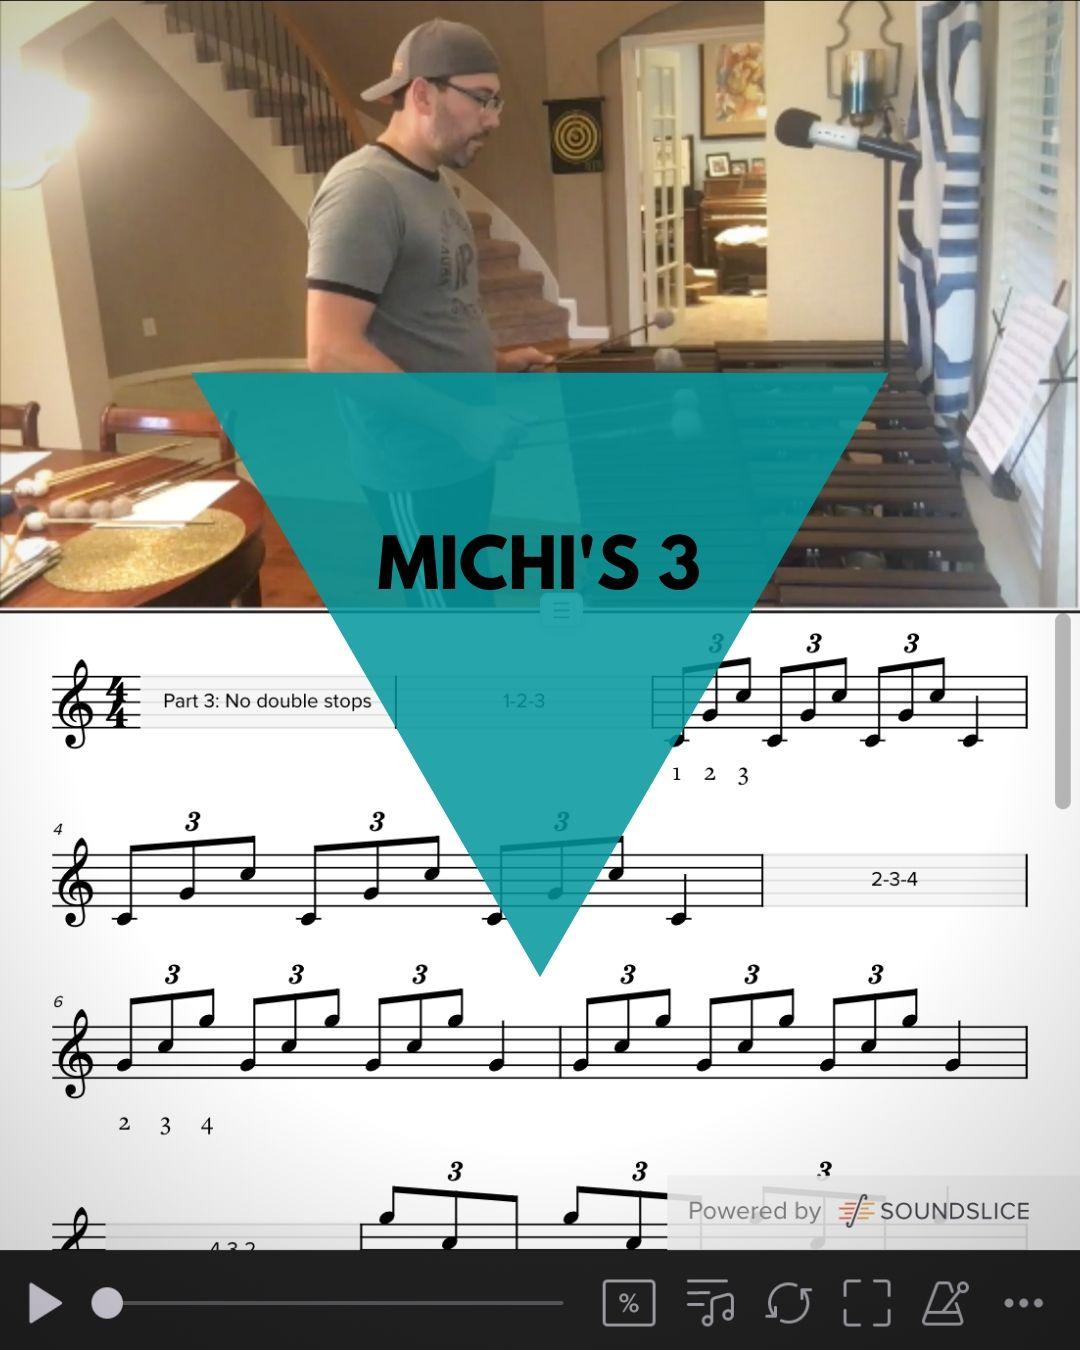 Michi's #3